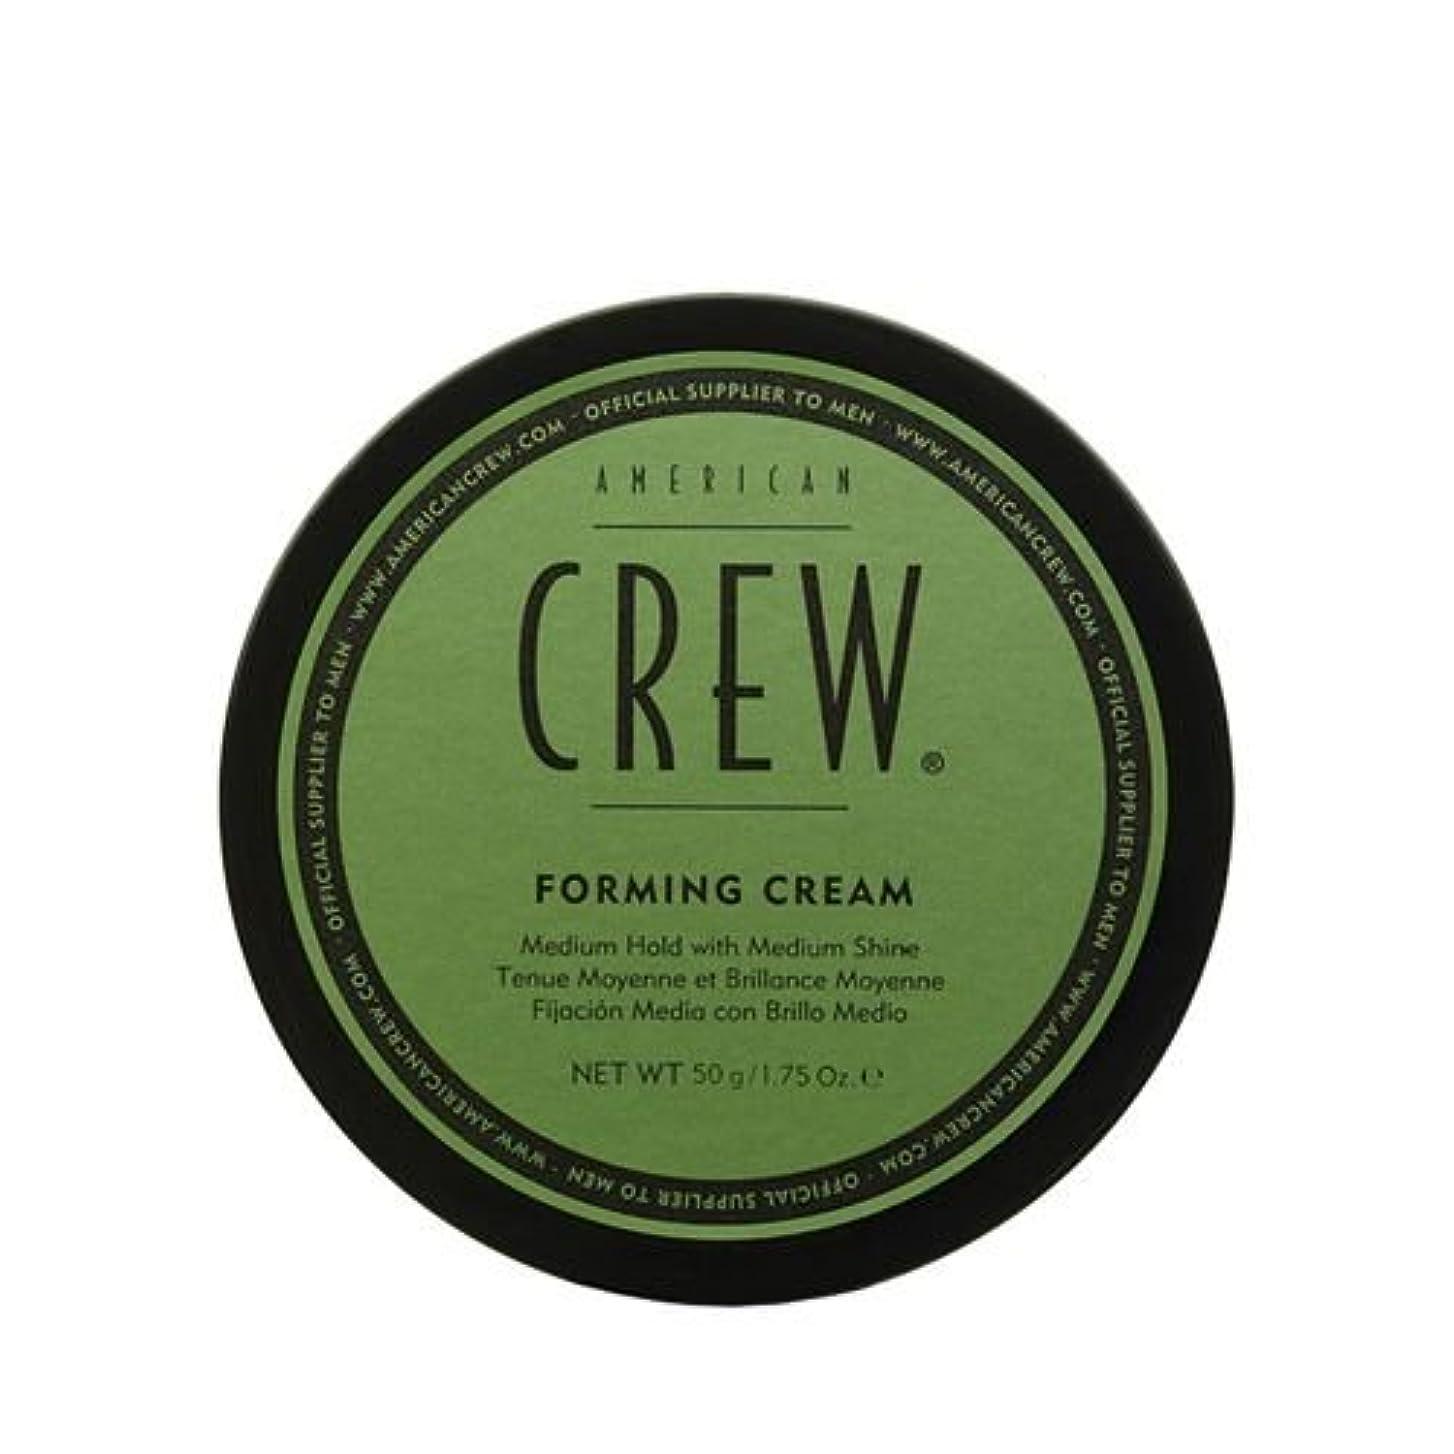 敵意俳優イタリックアメリカン クルー フォーミングヘアクリーム American Crew Forming Cream 50g [並行輸入品]